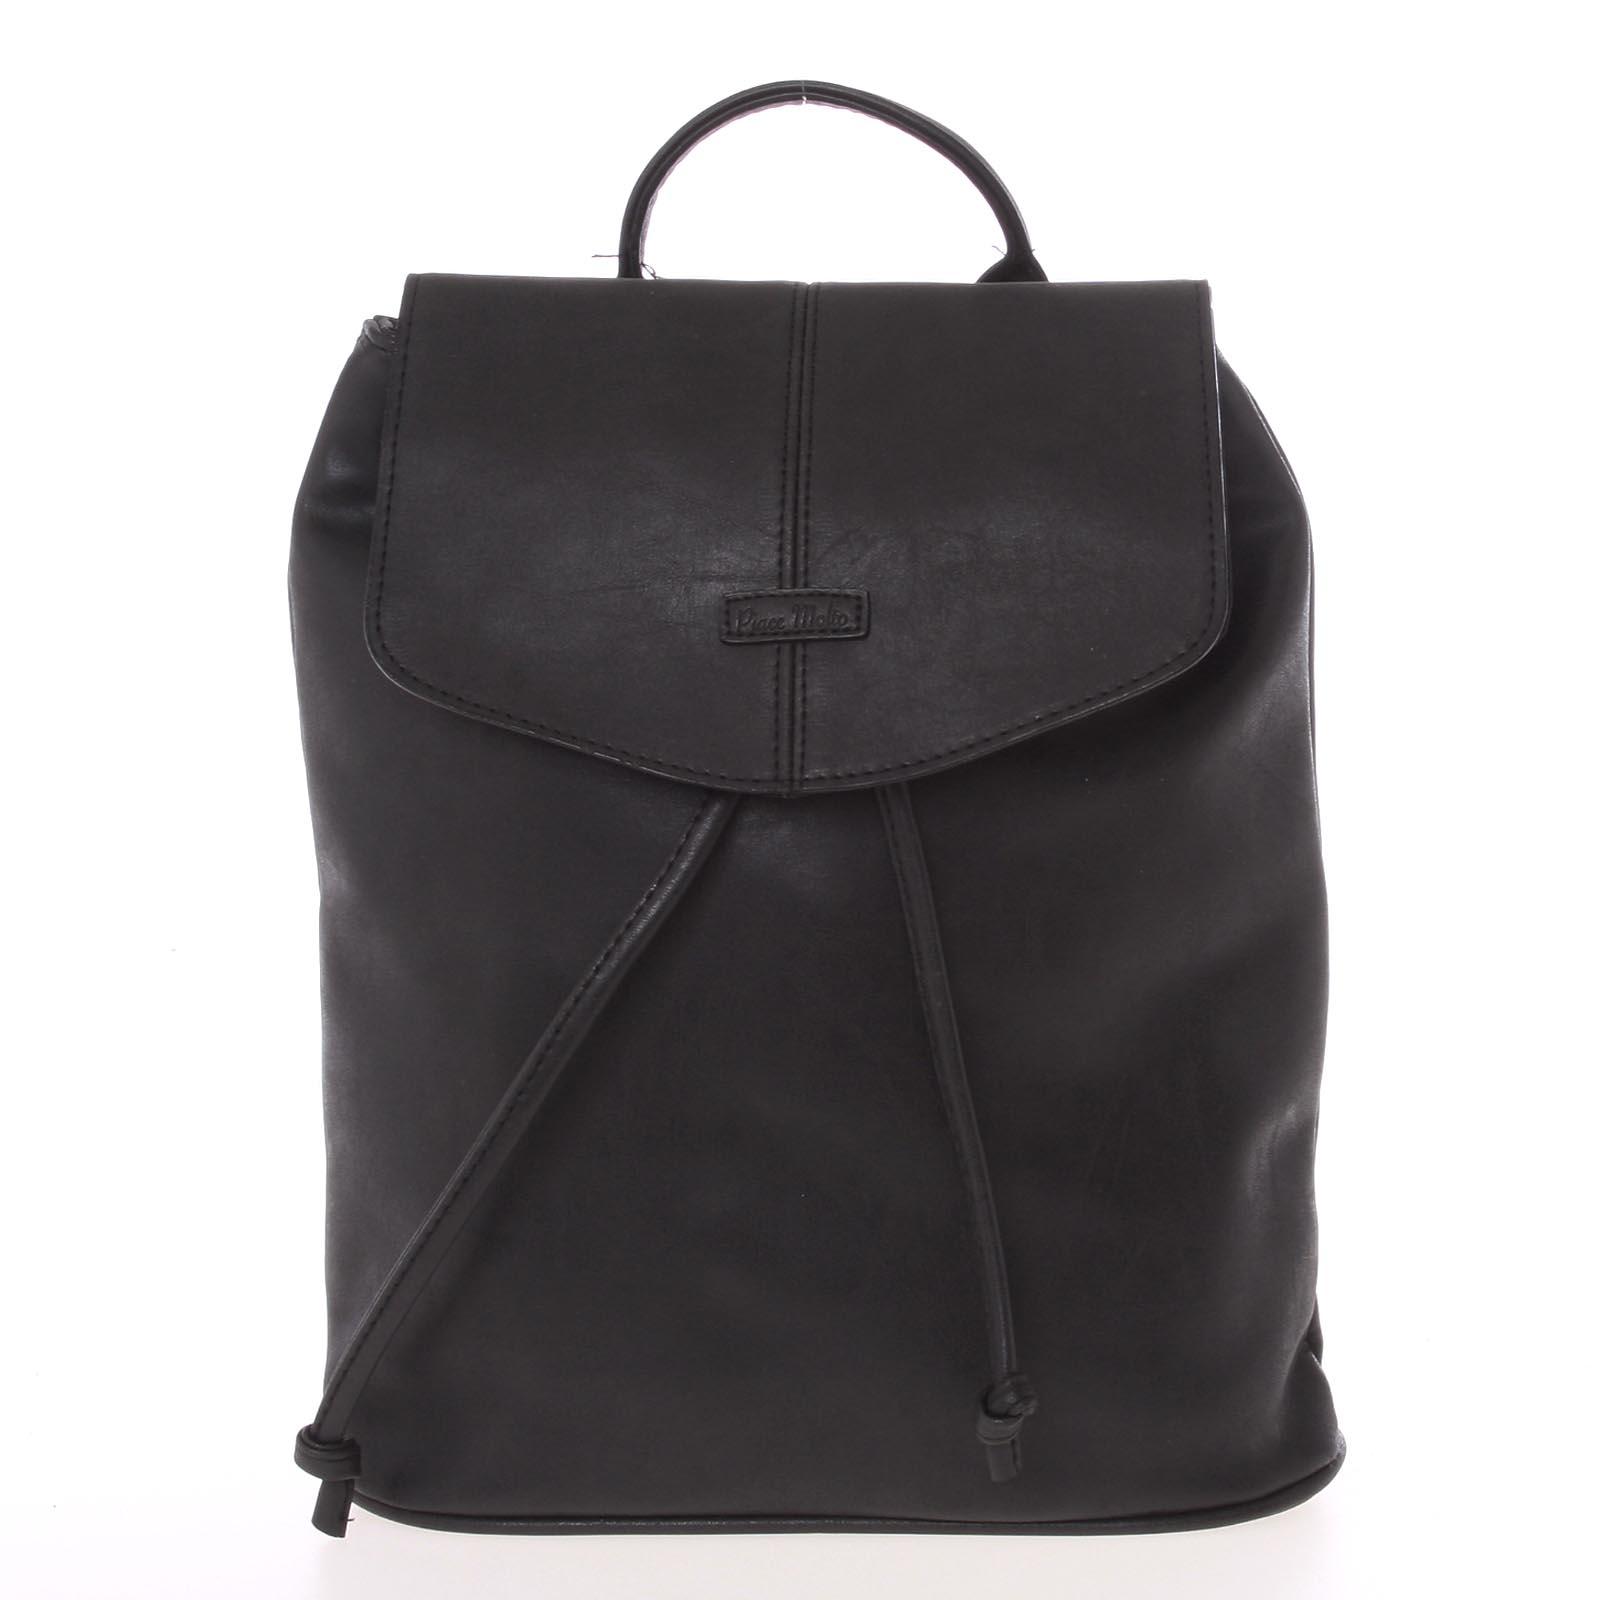 Kvalitní elegantní dámský černý batůžek - Piace Molto Floriant černá